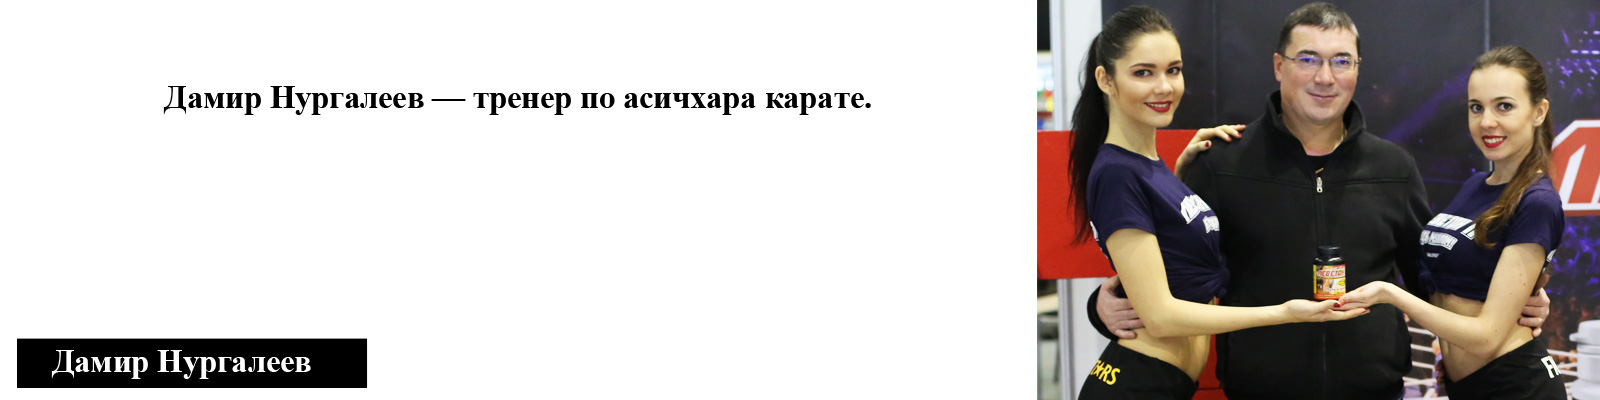 нургалеев